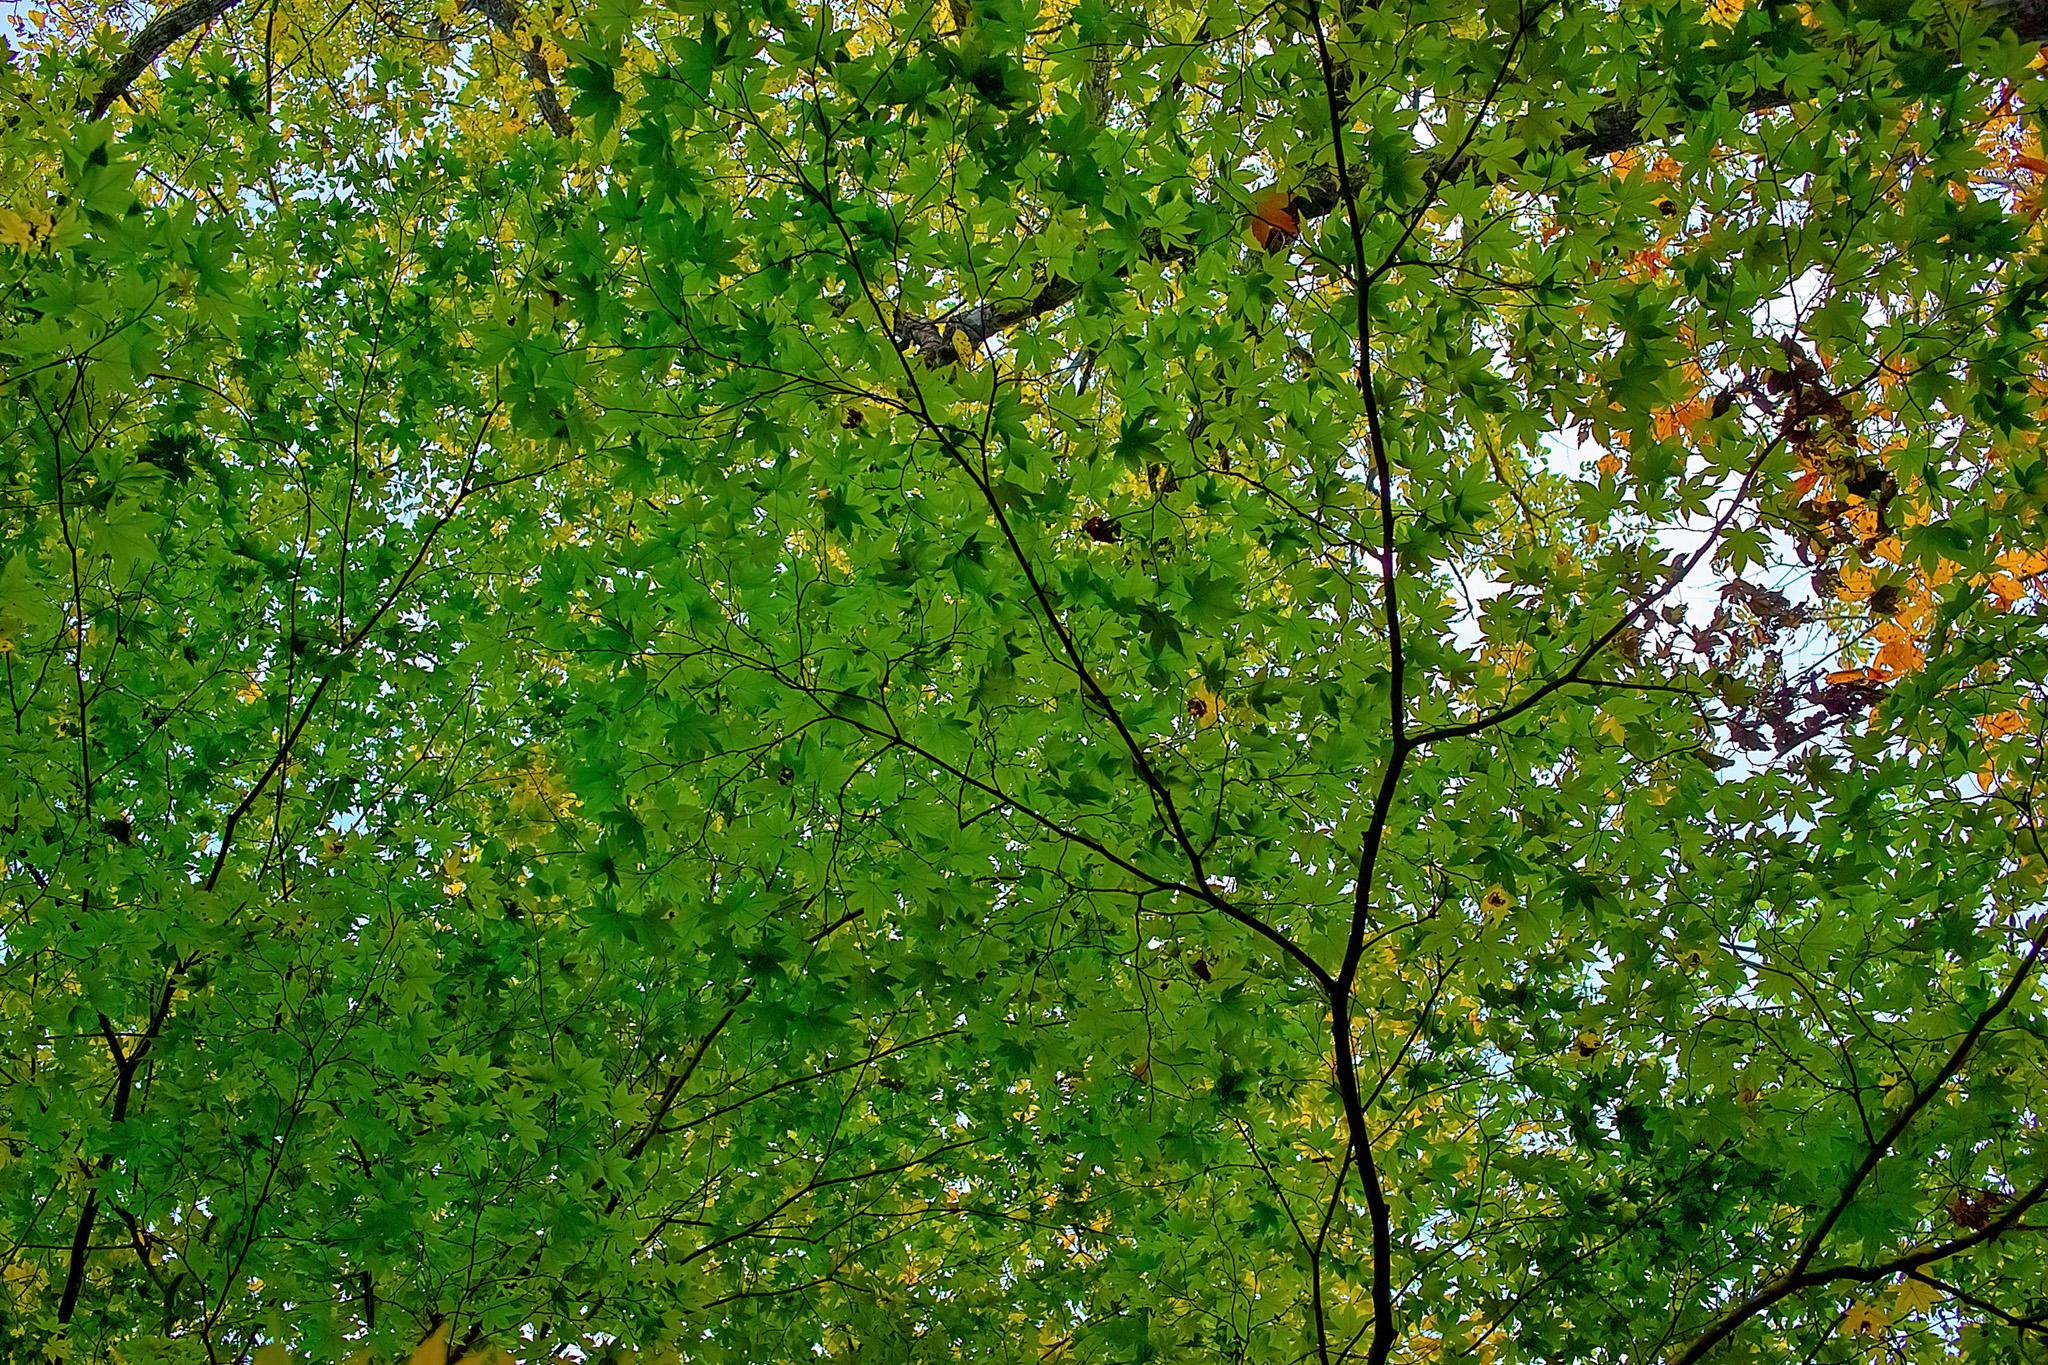 「一面を覆う緑のヤマモミジの葉」